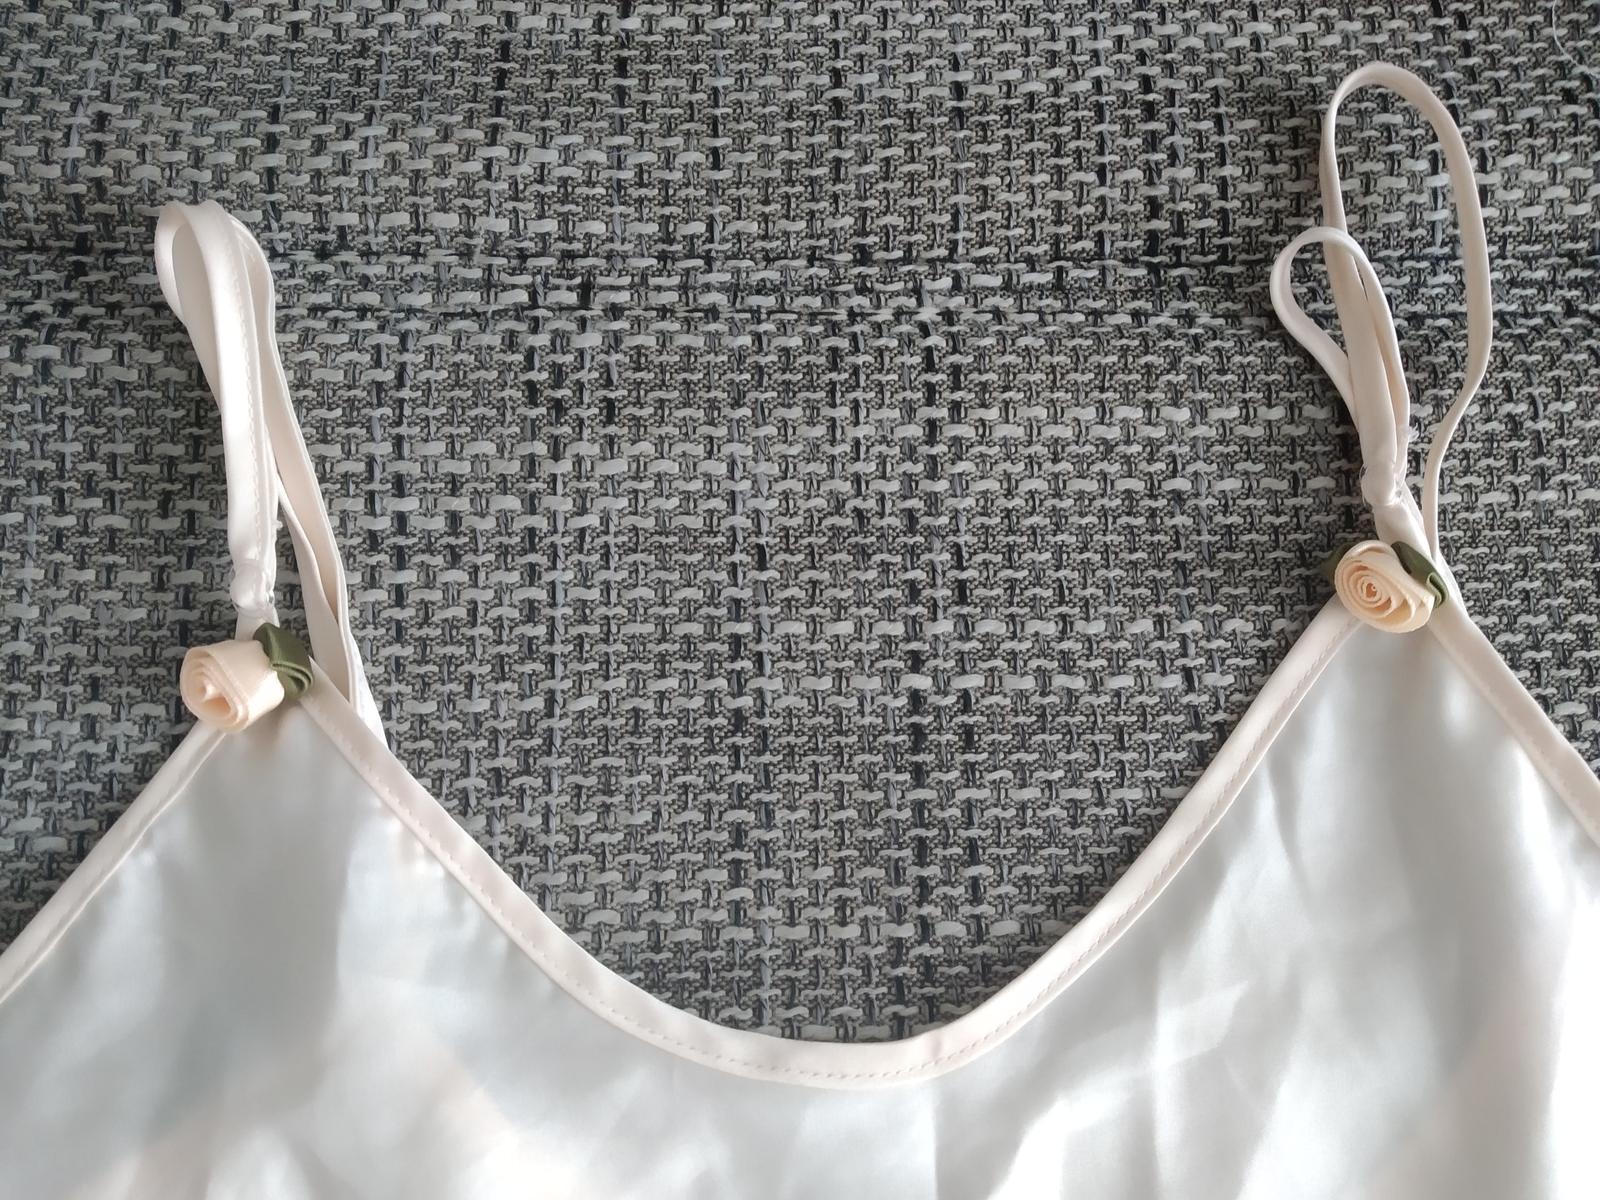 Saténová košilka - Obrázek č. 3